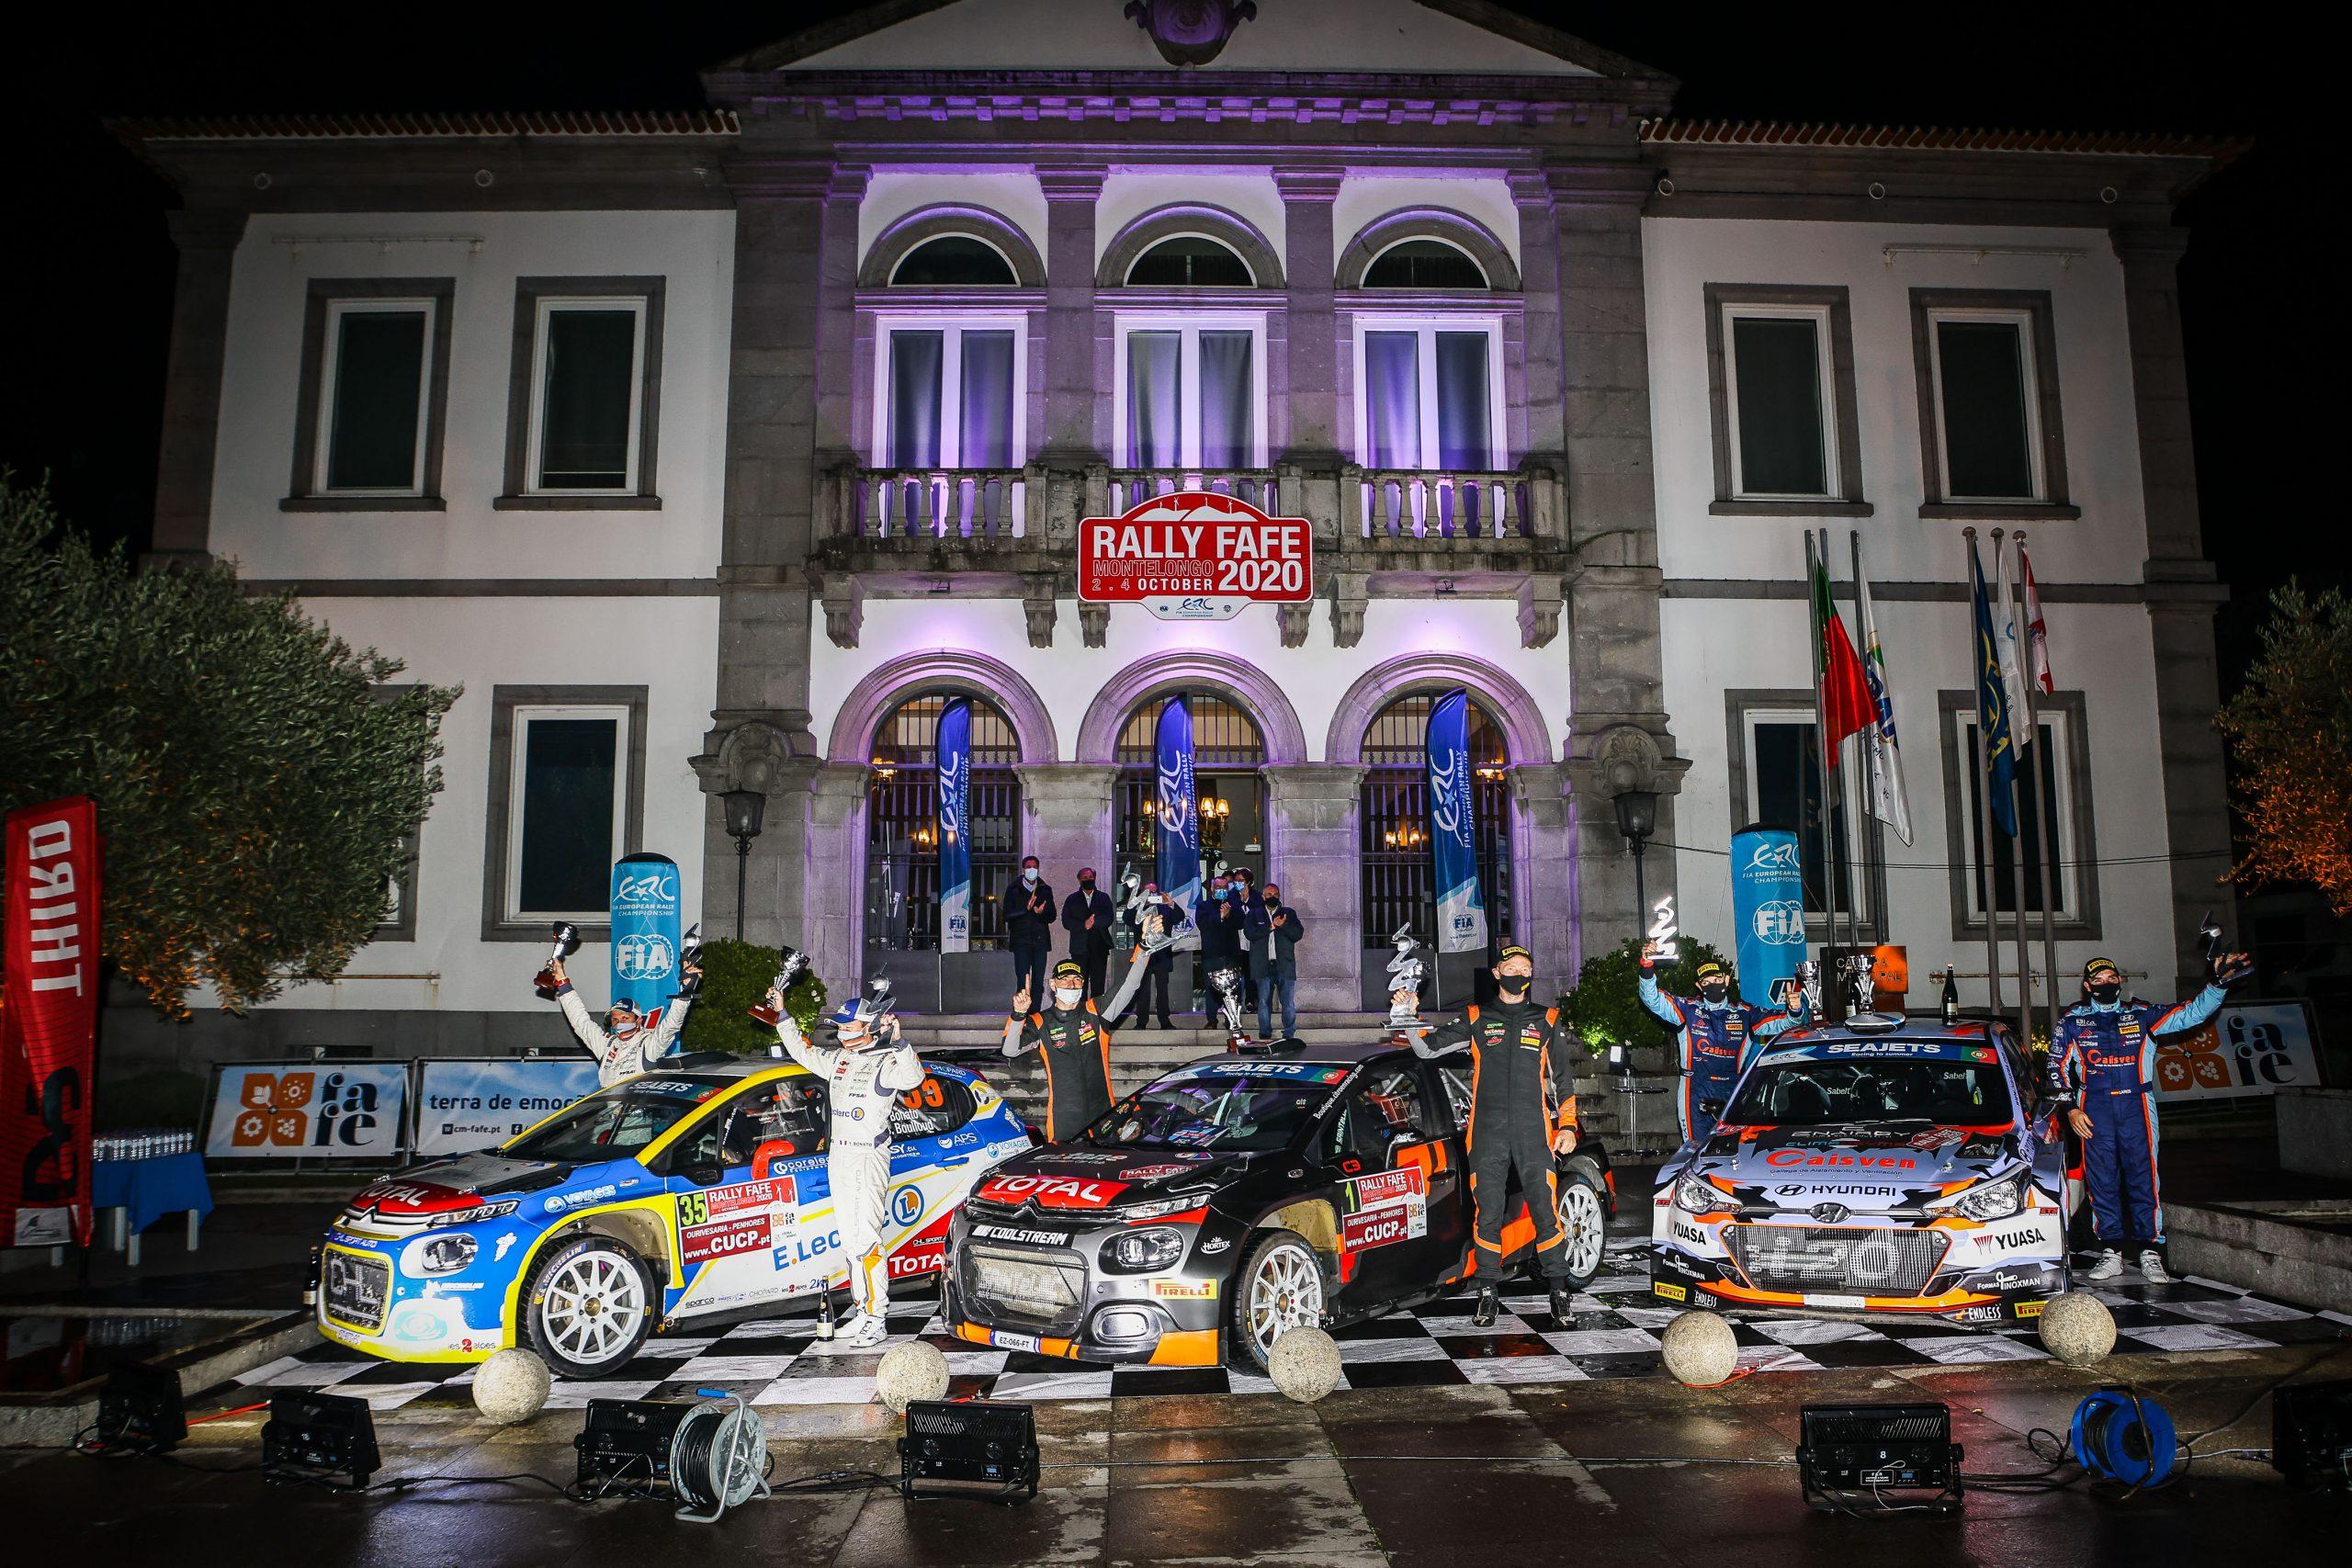 Magyar győzelem a Portugál rally futamon